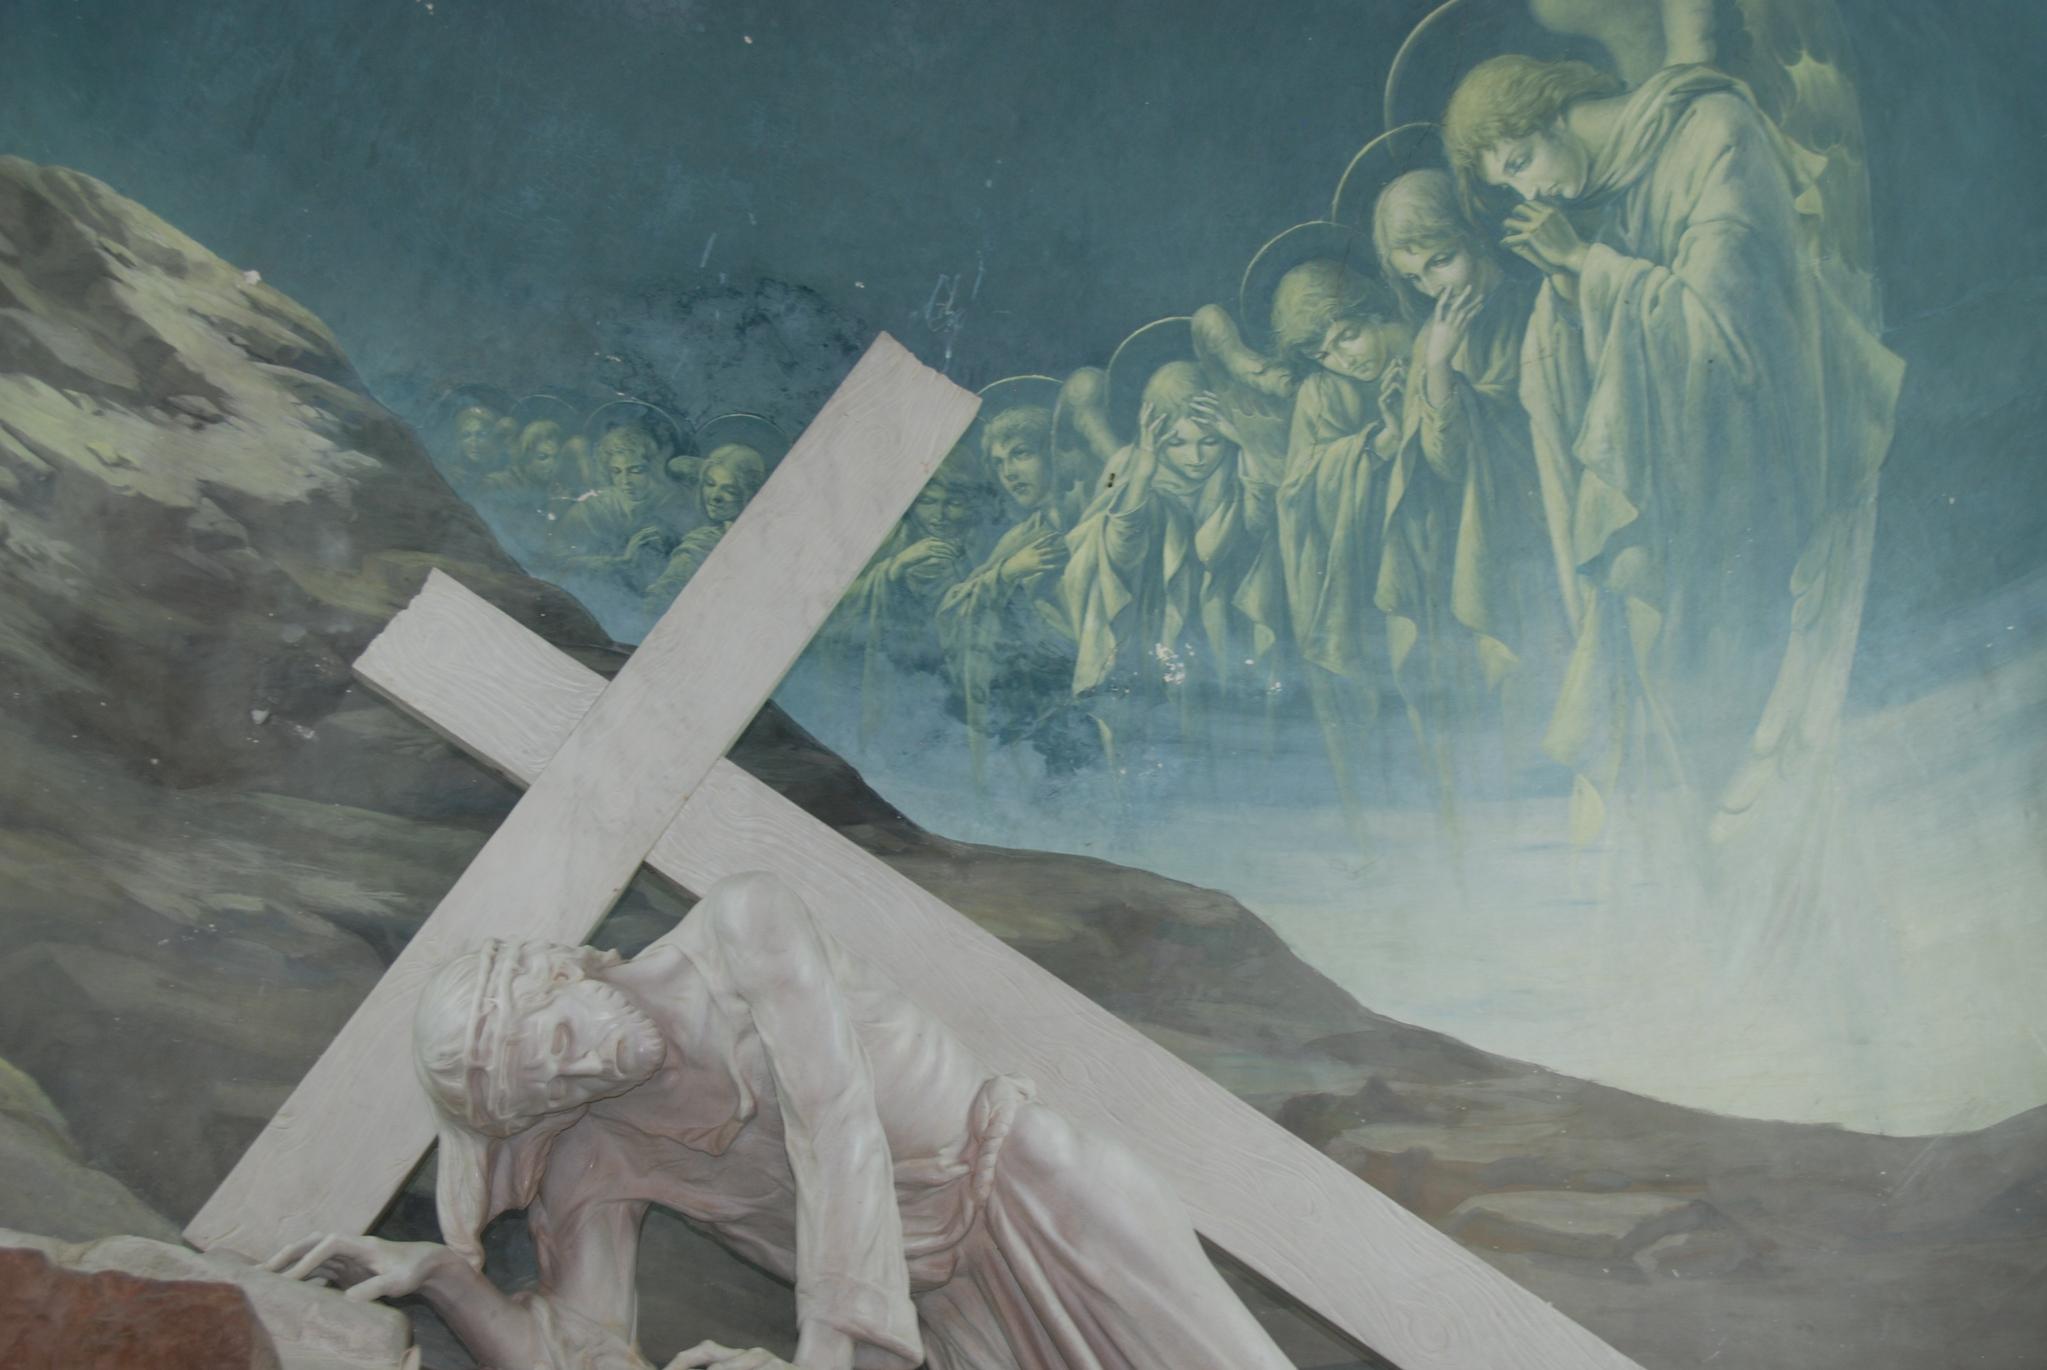 십자가를 짊어진 채 걸어가다가 쓰러지는 예수. 십자가의 길에 있는 교회 벽면에 그려져 있다.